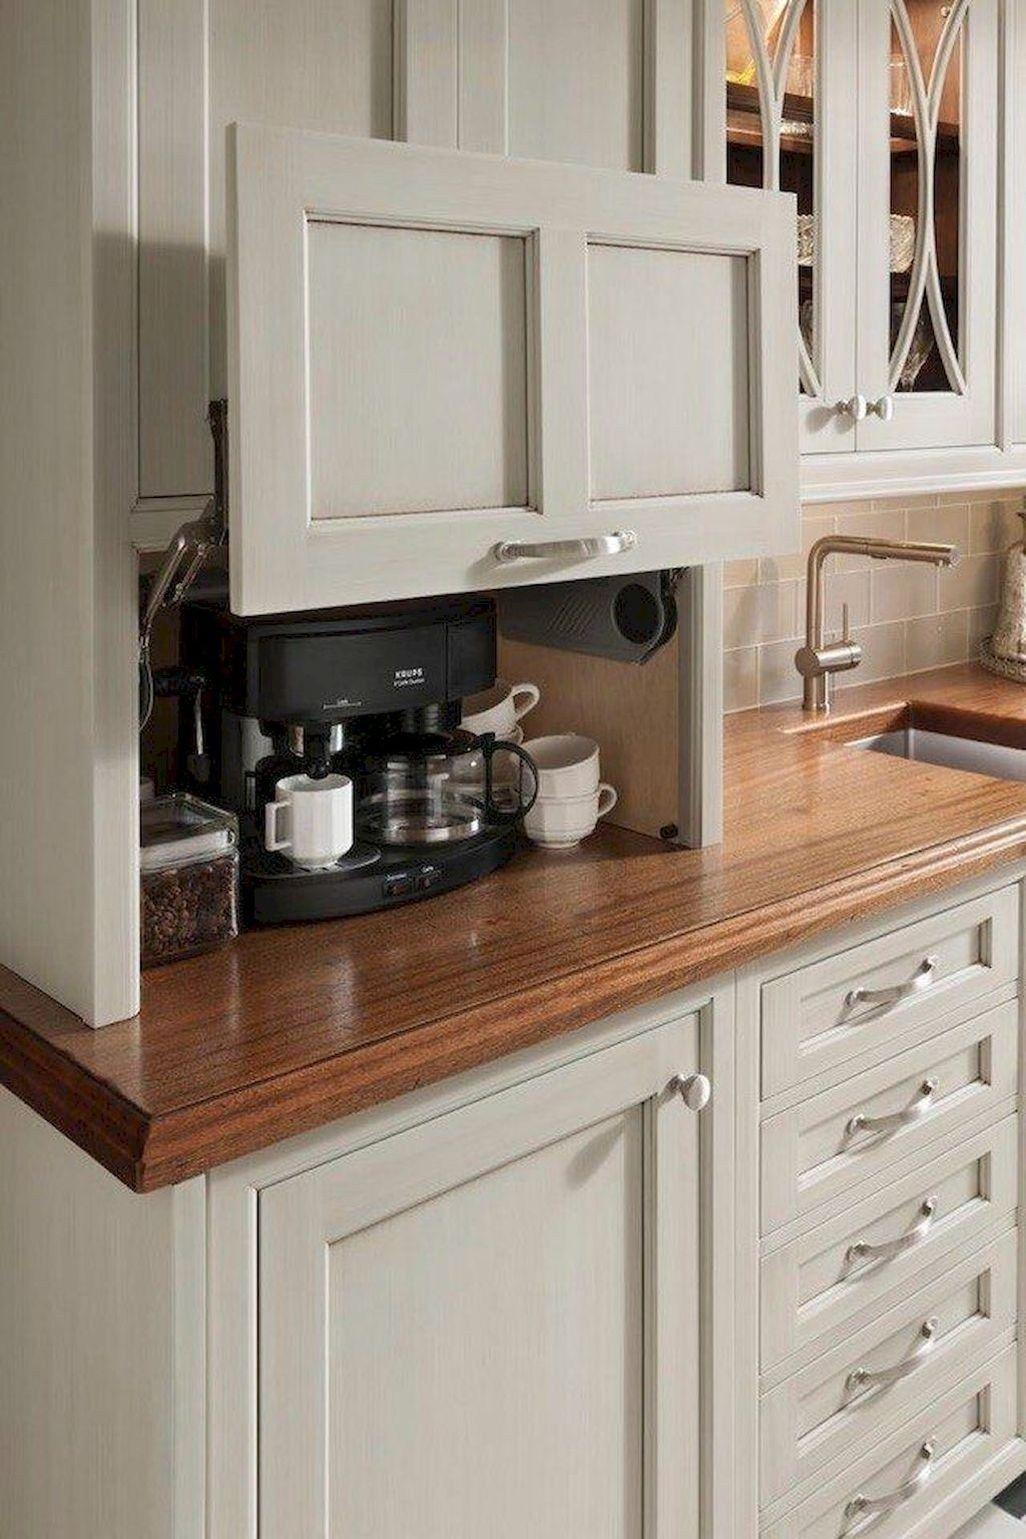 Luxury White Kitchen Cabinets Design Ideas 38 | Cabinet design ...